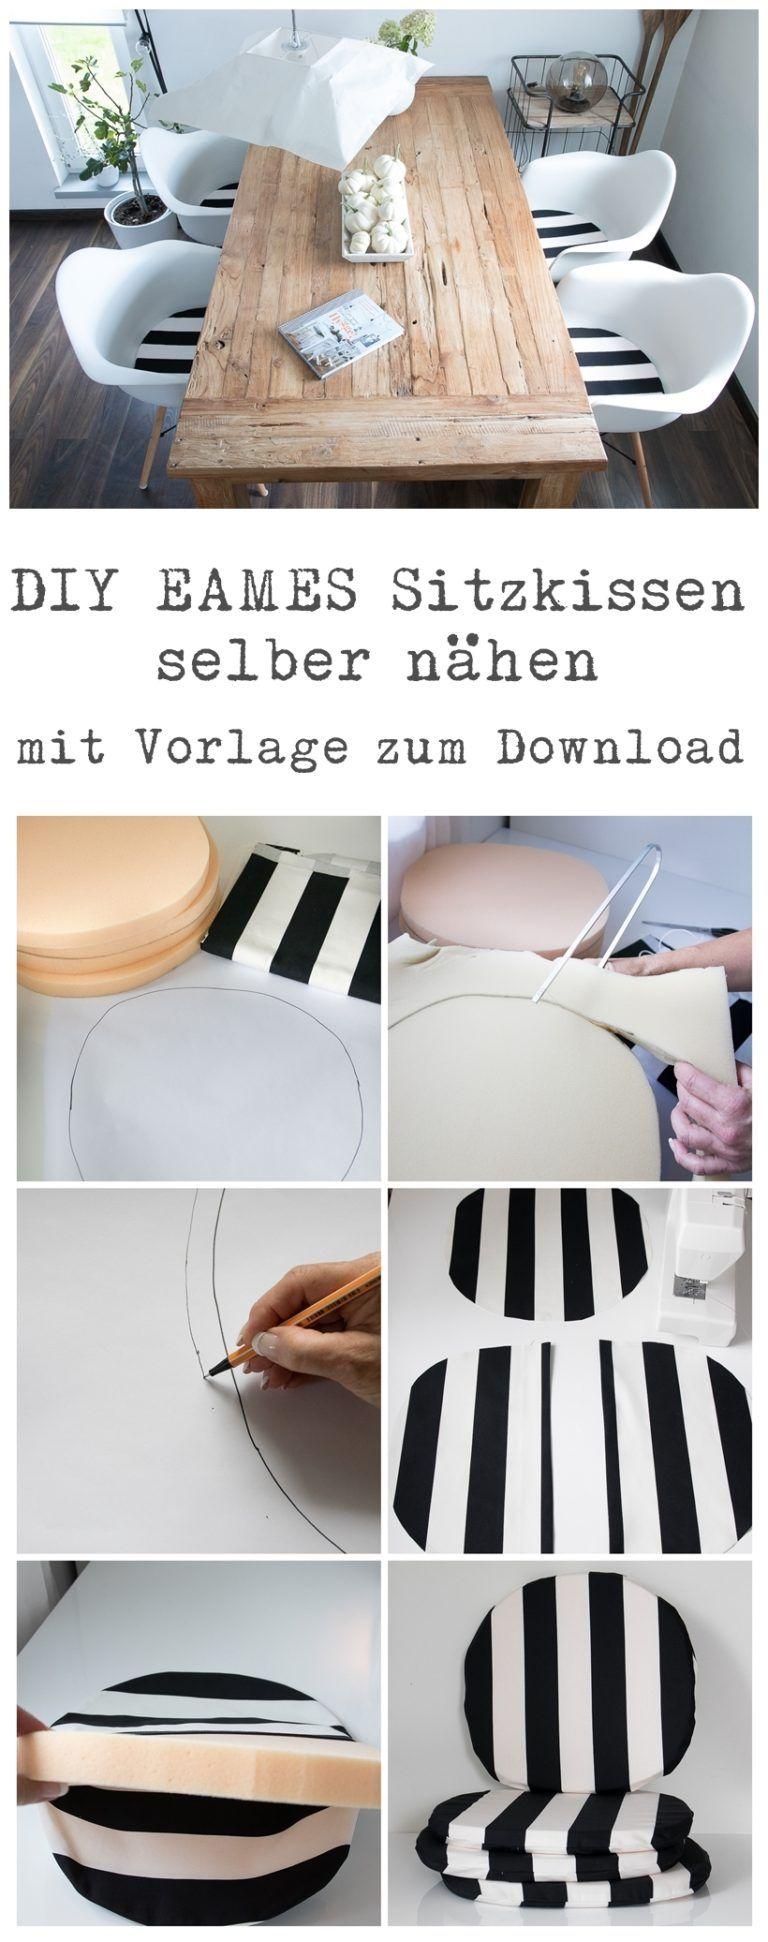 9 Ideas De Sillas Sillas Sillas Eames Eames